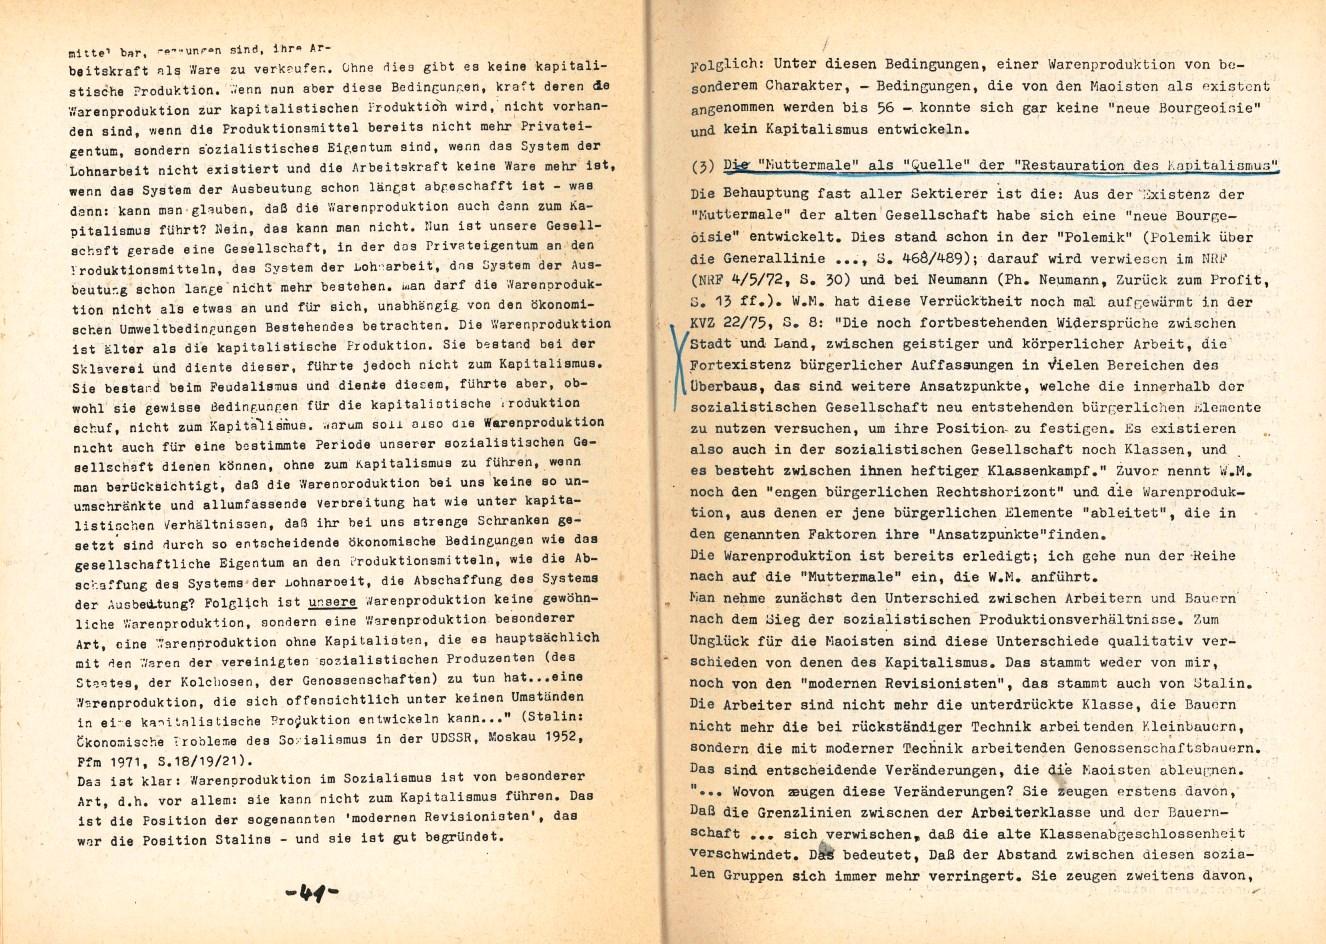 Giessen_MSB_1976_Der_KBW_eine_rechte_Organisation_23